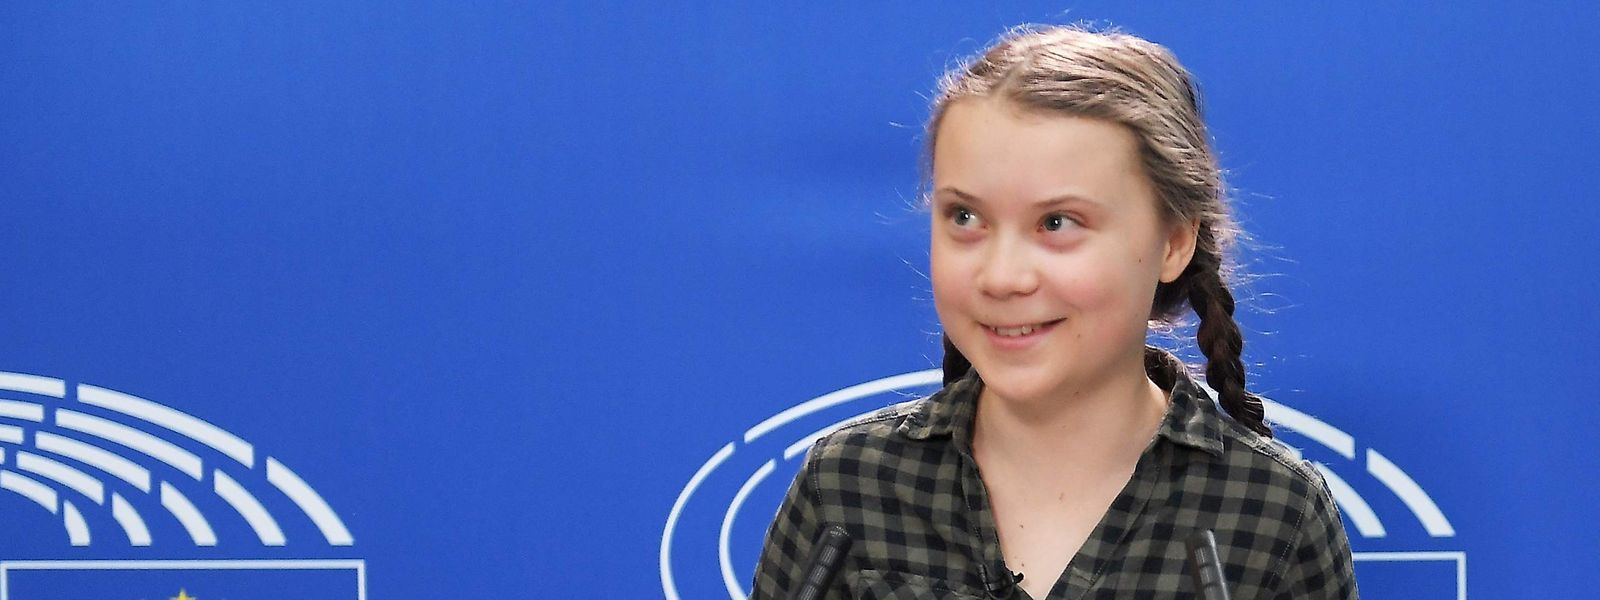 Greta Thunberg: «Nous avons encore une fenêtre ouverte pendant laquelle nous pouvons agir, mais elle ne va pas être ouverte longtemps, donc nous avons besoin de saisir cette opportunité pour faire quelque chose».